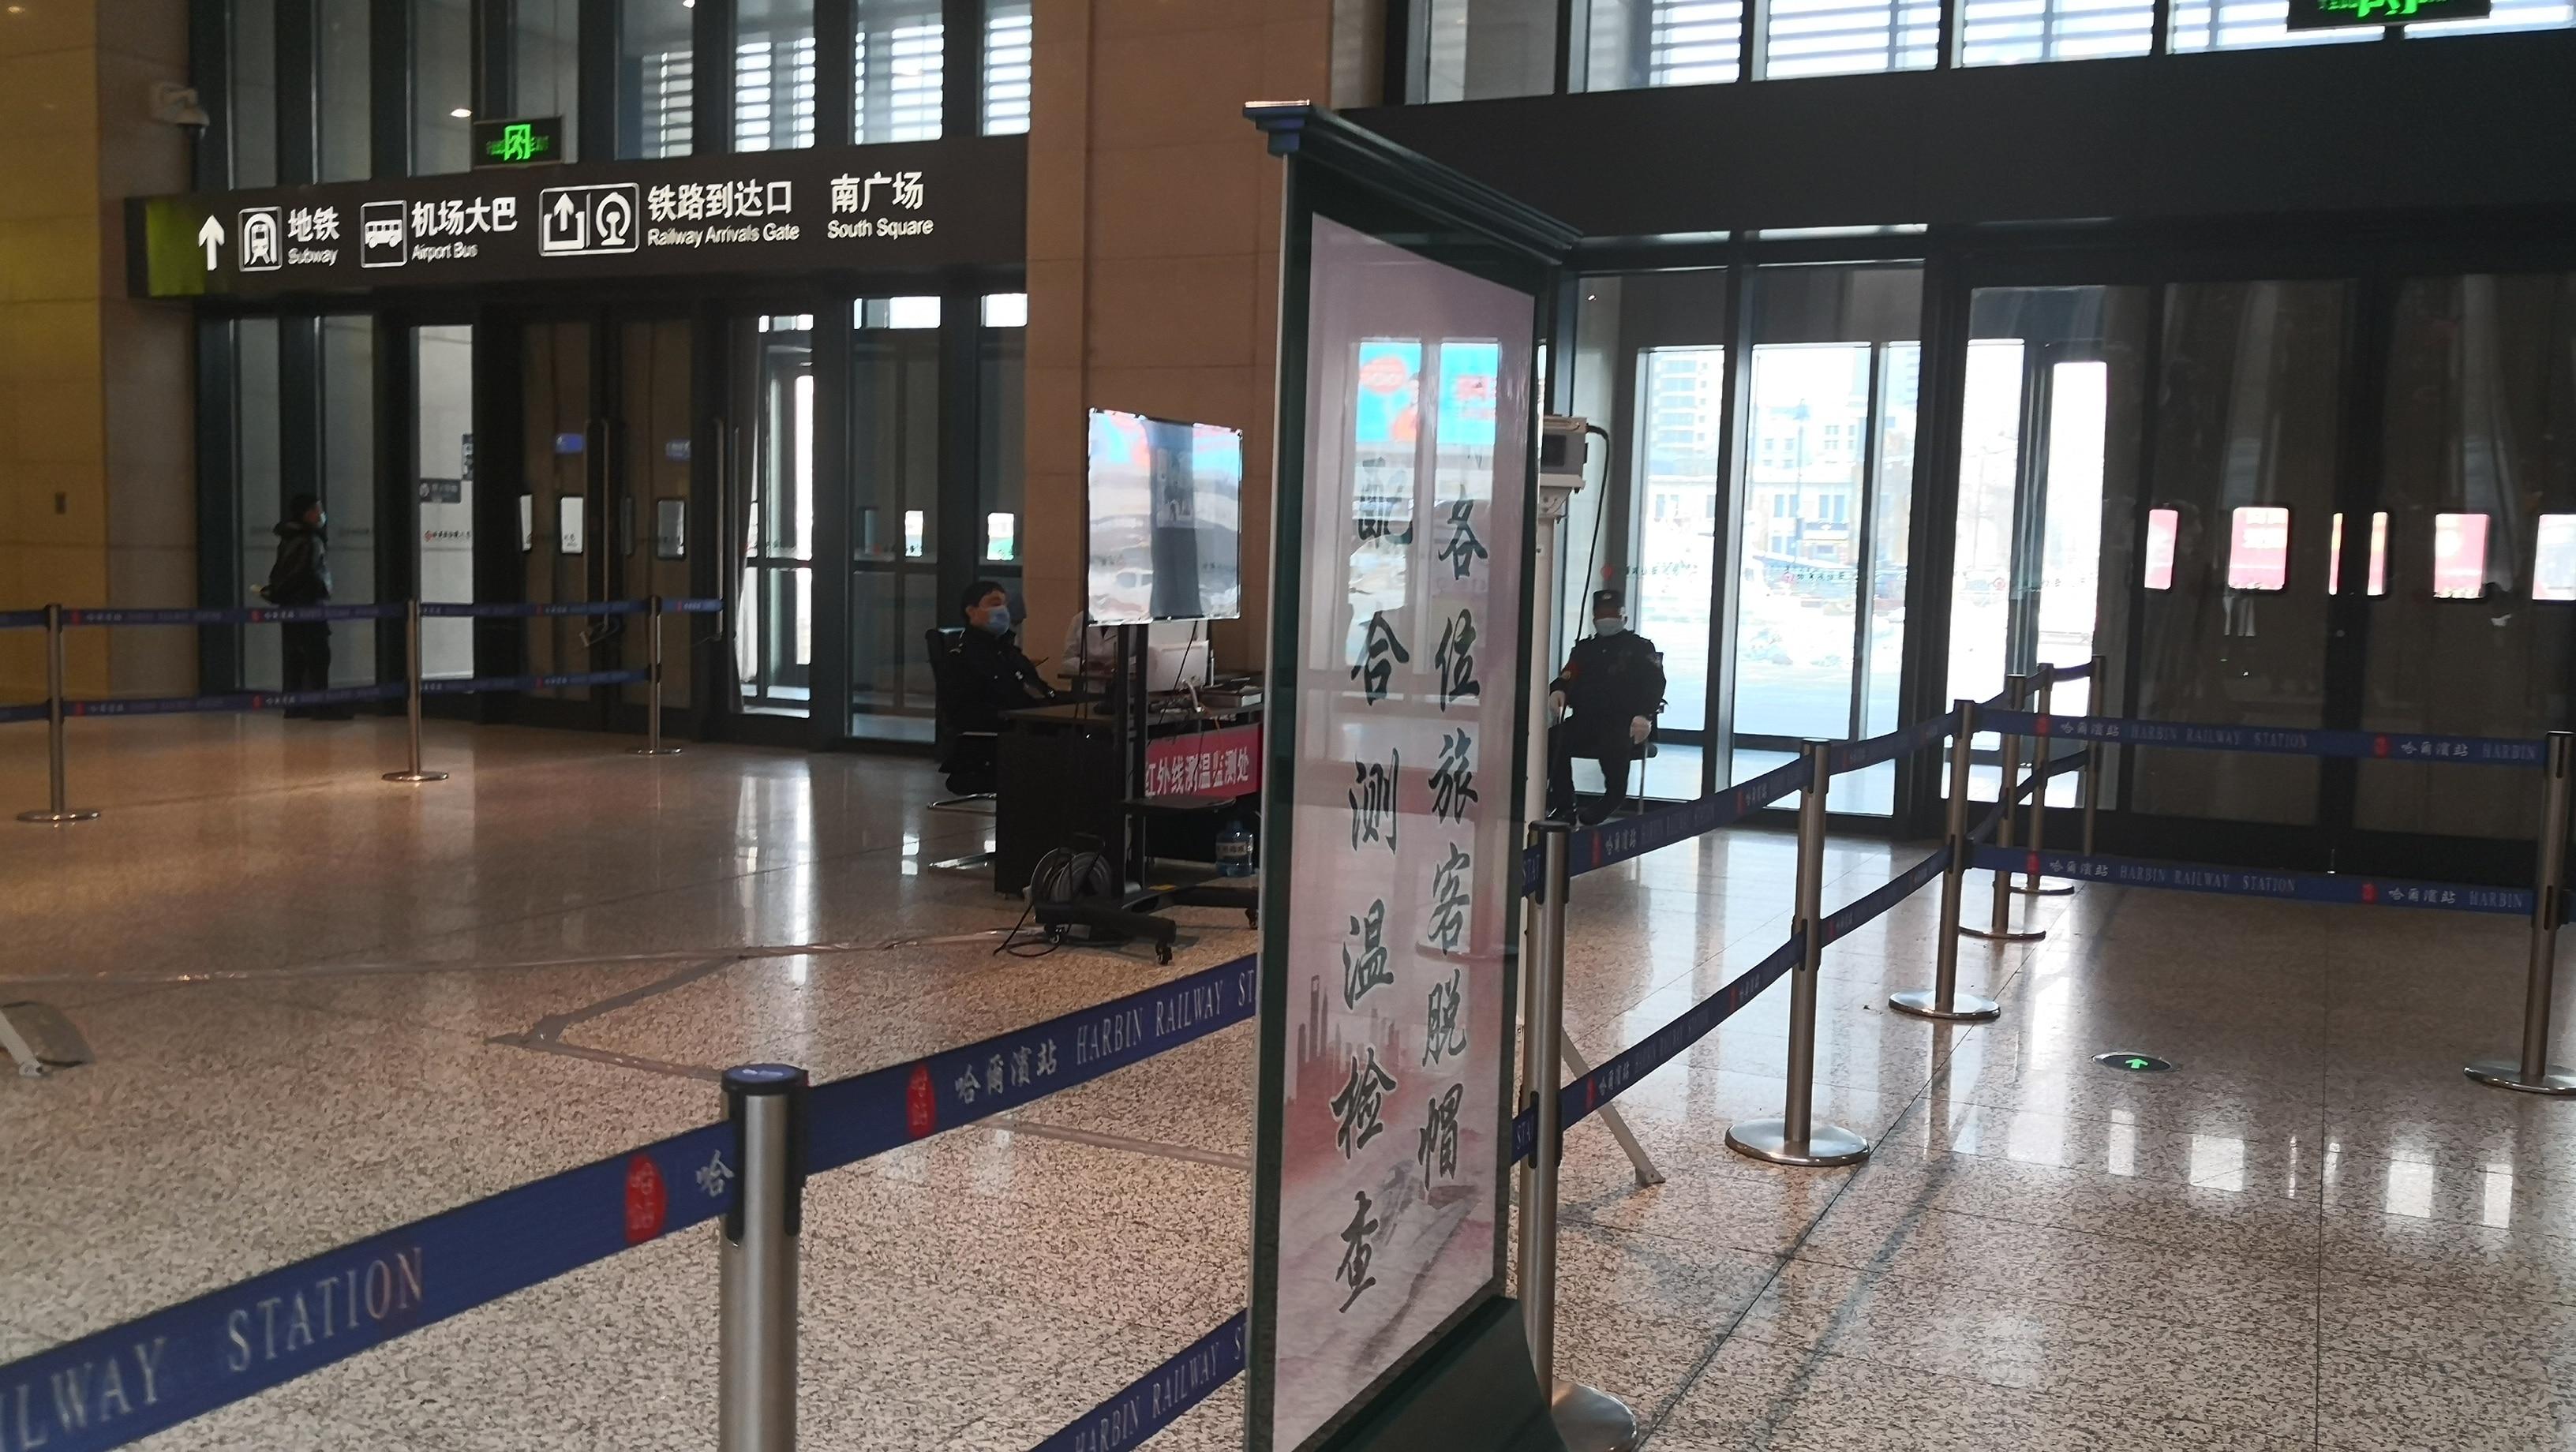 تم تركيب جهاز قياس درجة الحرارة الأوتوماتيكي عند مدخل محطة السكة الحديد في هاربين ، مقاطعة هيلونغجيانغ ، الصين.